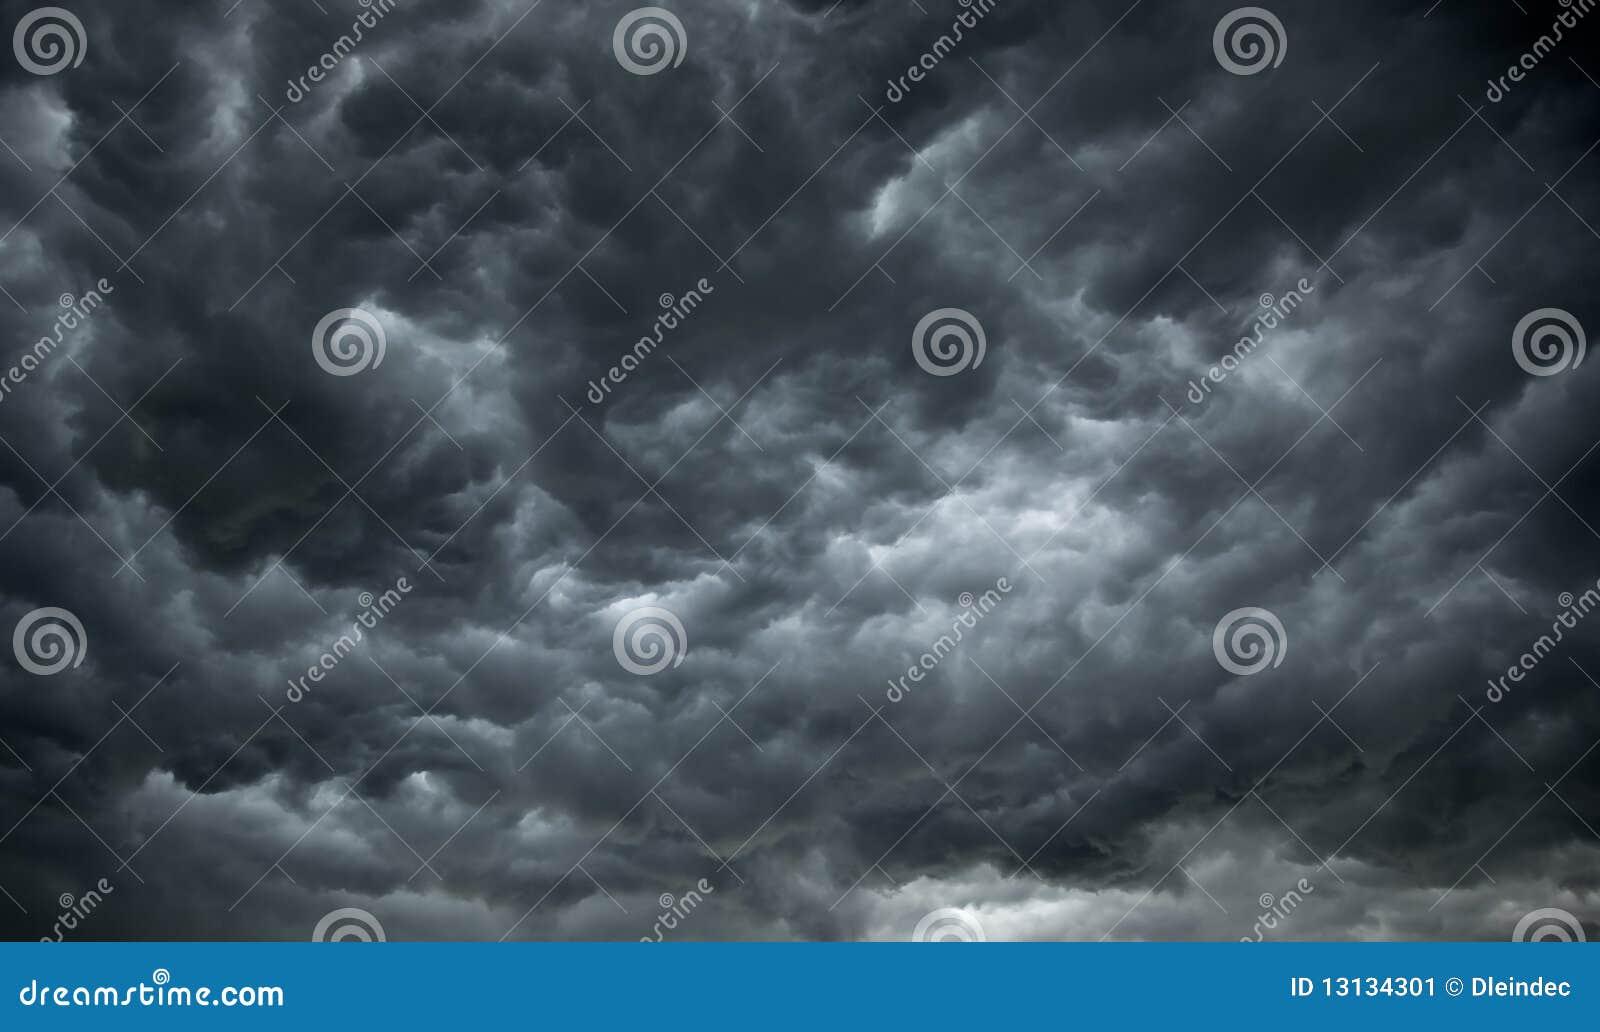 Nuages de pluie foncés et sinistres